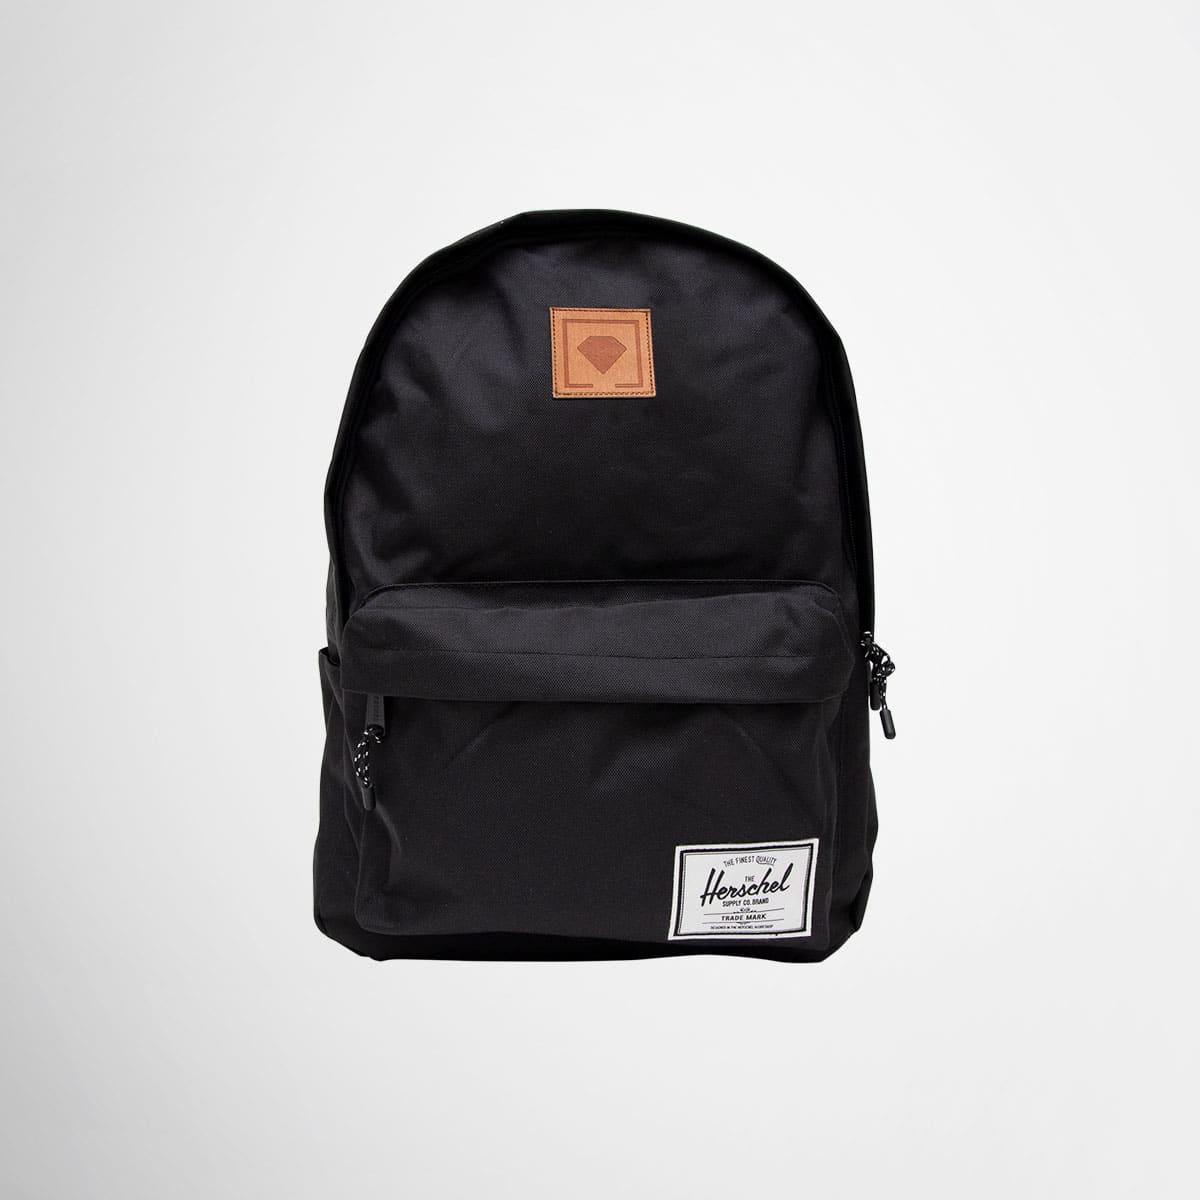 Branded Casinohuone Herschel backpacks by Framme